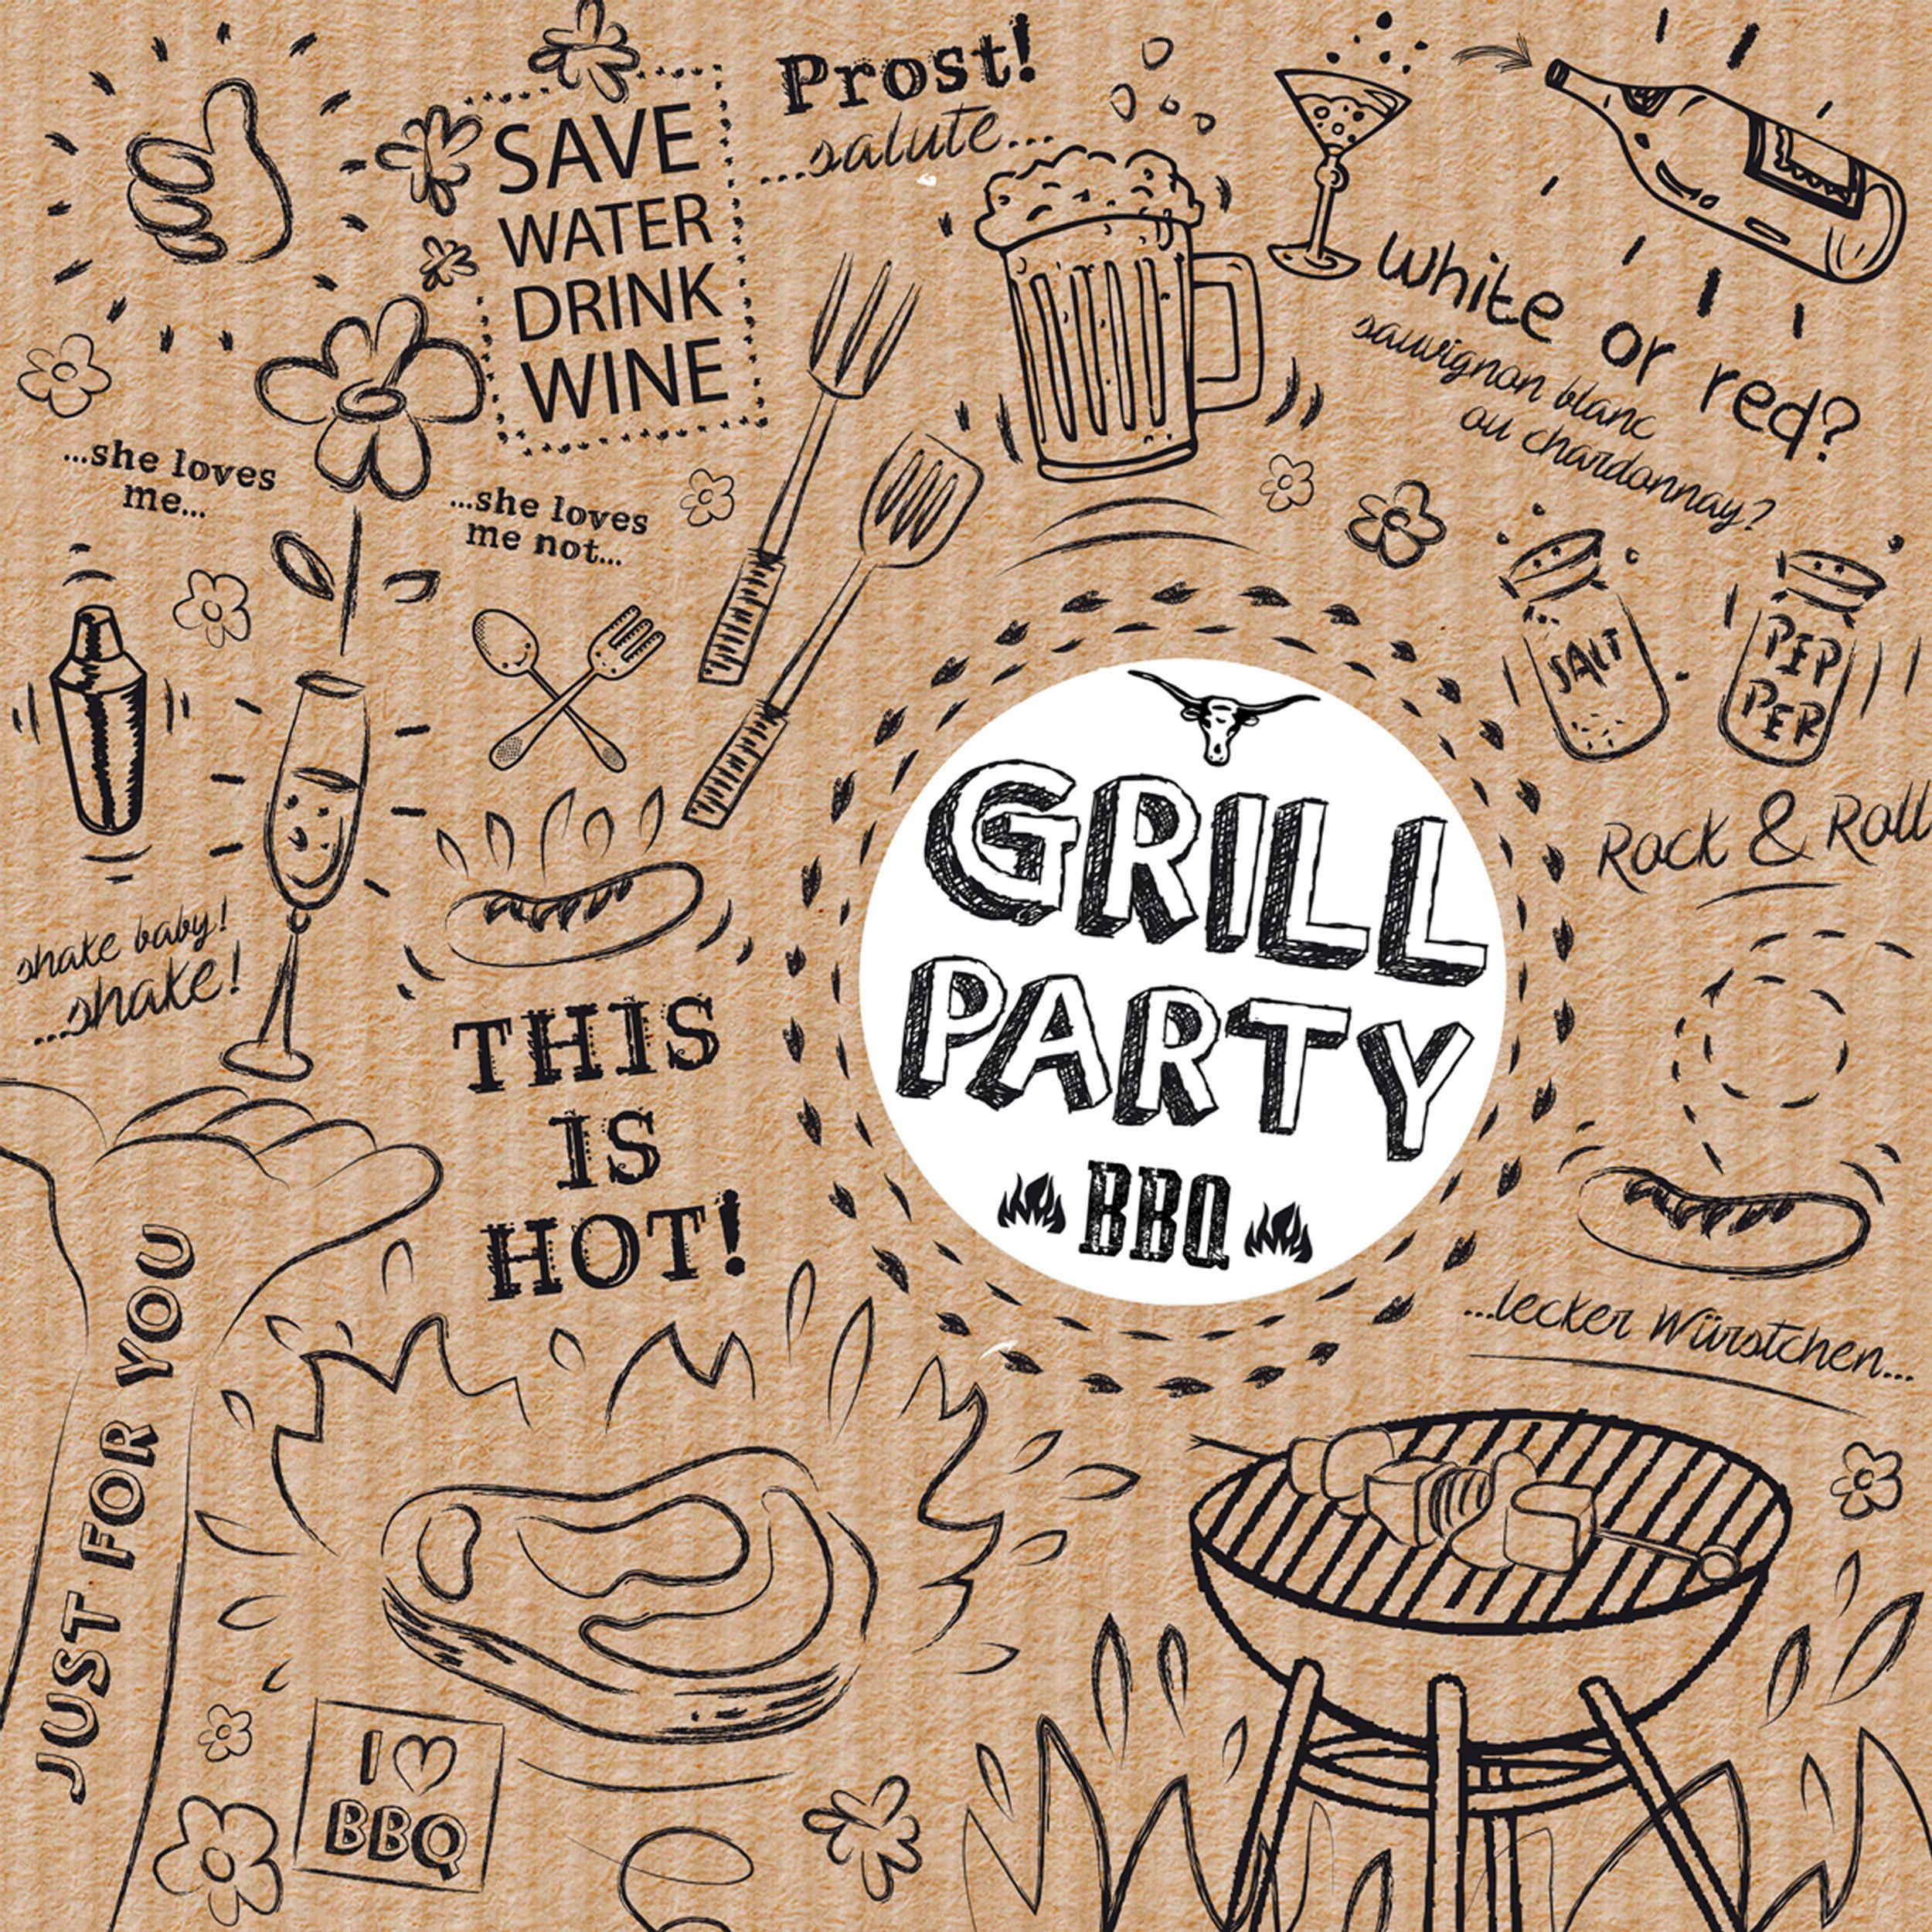 PPD Grill /& Party Brown Tisch Servietten 20 Stück Tissue Braun Weiß 33x33 cm